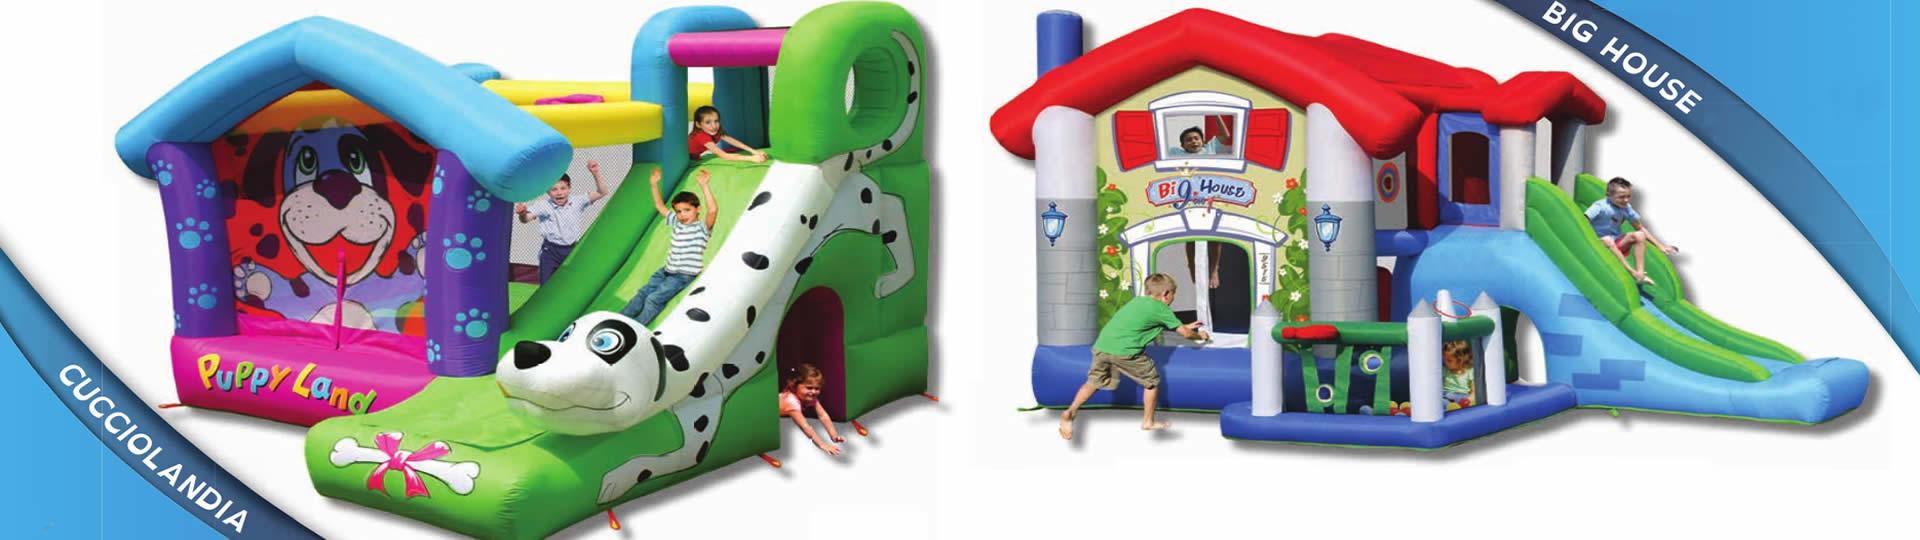 Ludoteca Le Zebrette a Udine presso la DACIA Arena - Noleggio giochi gonfiabili per bambini